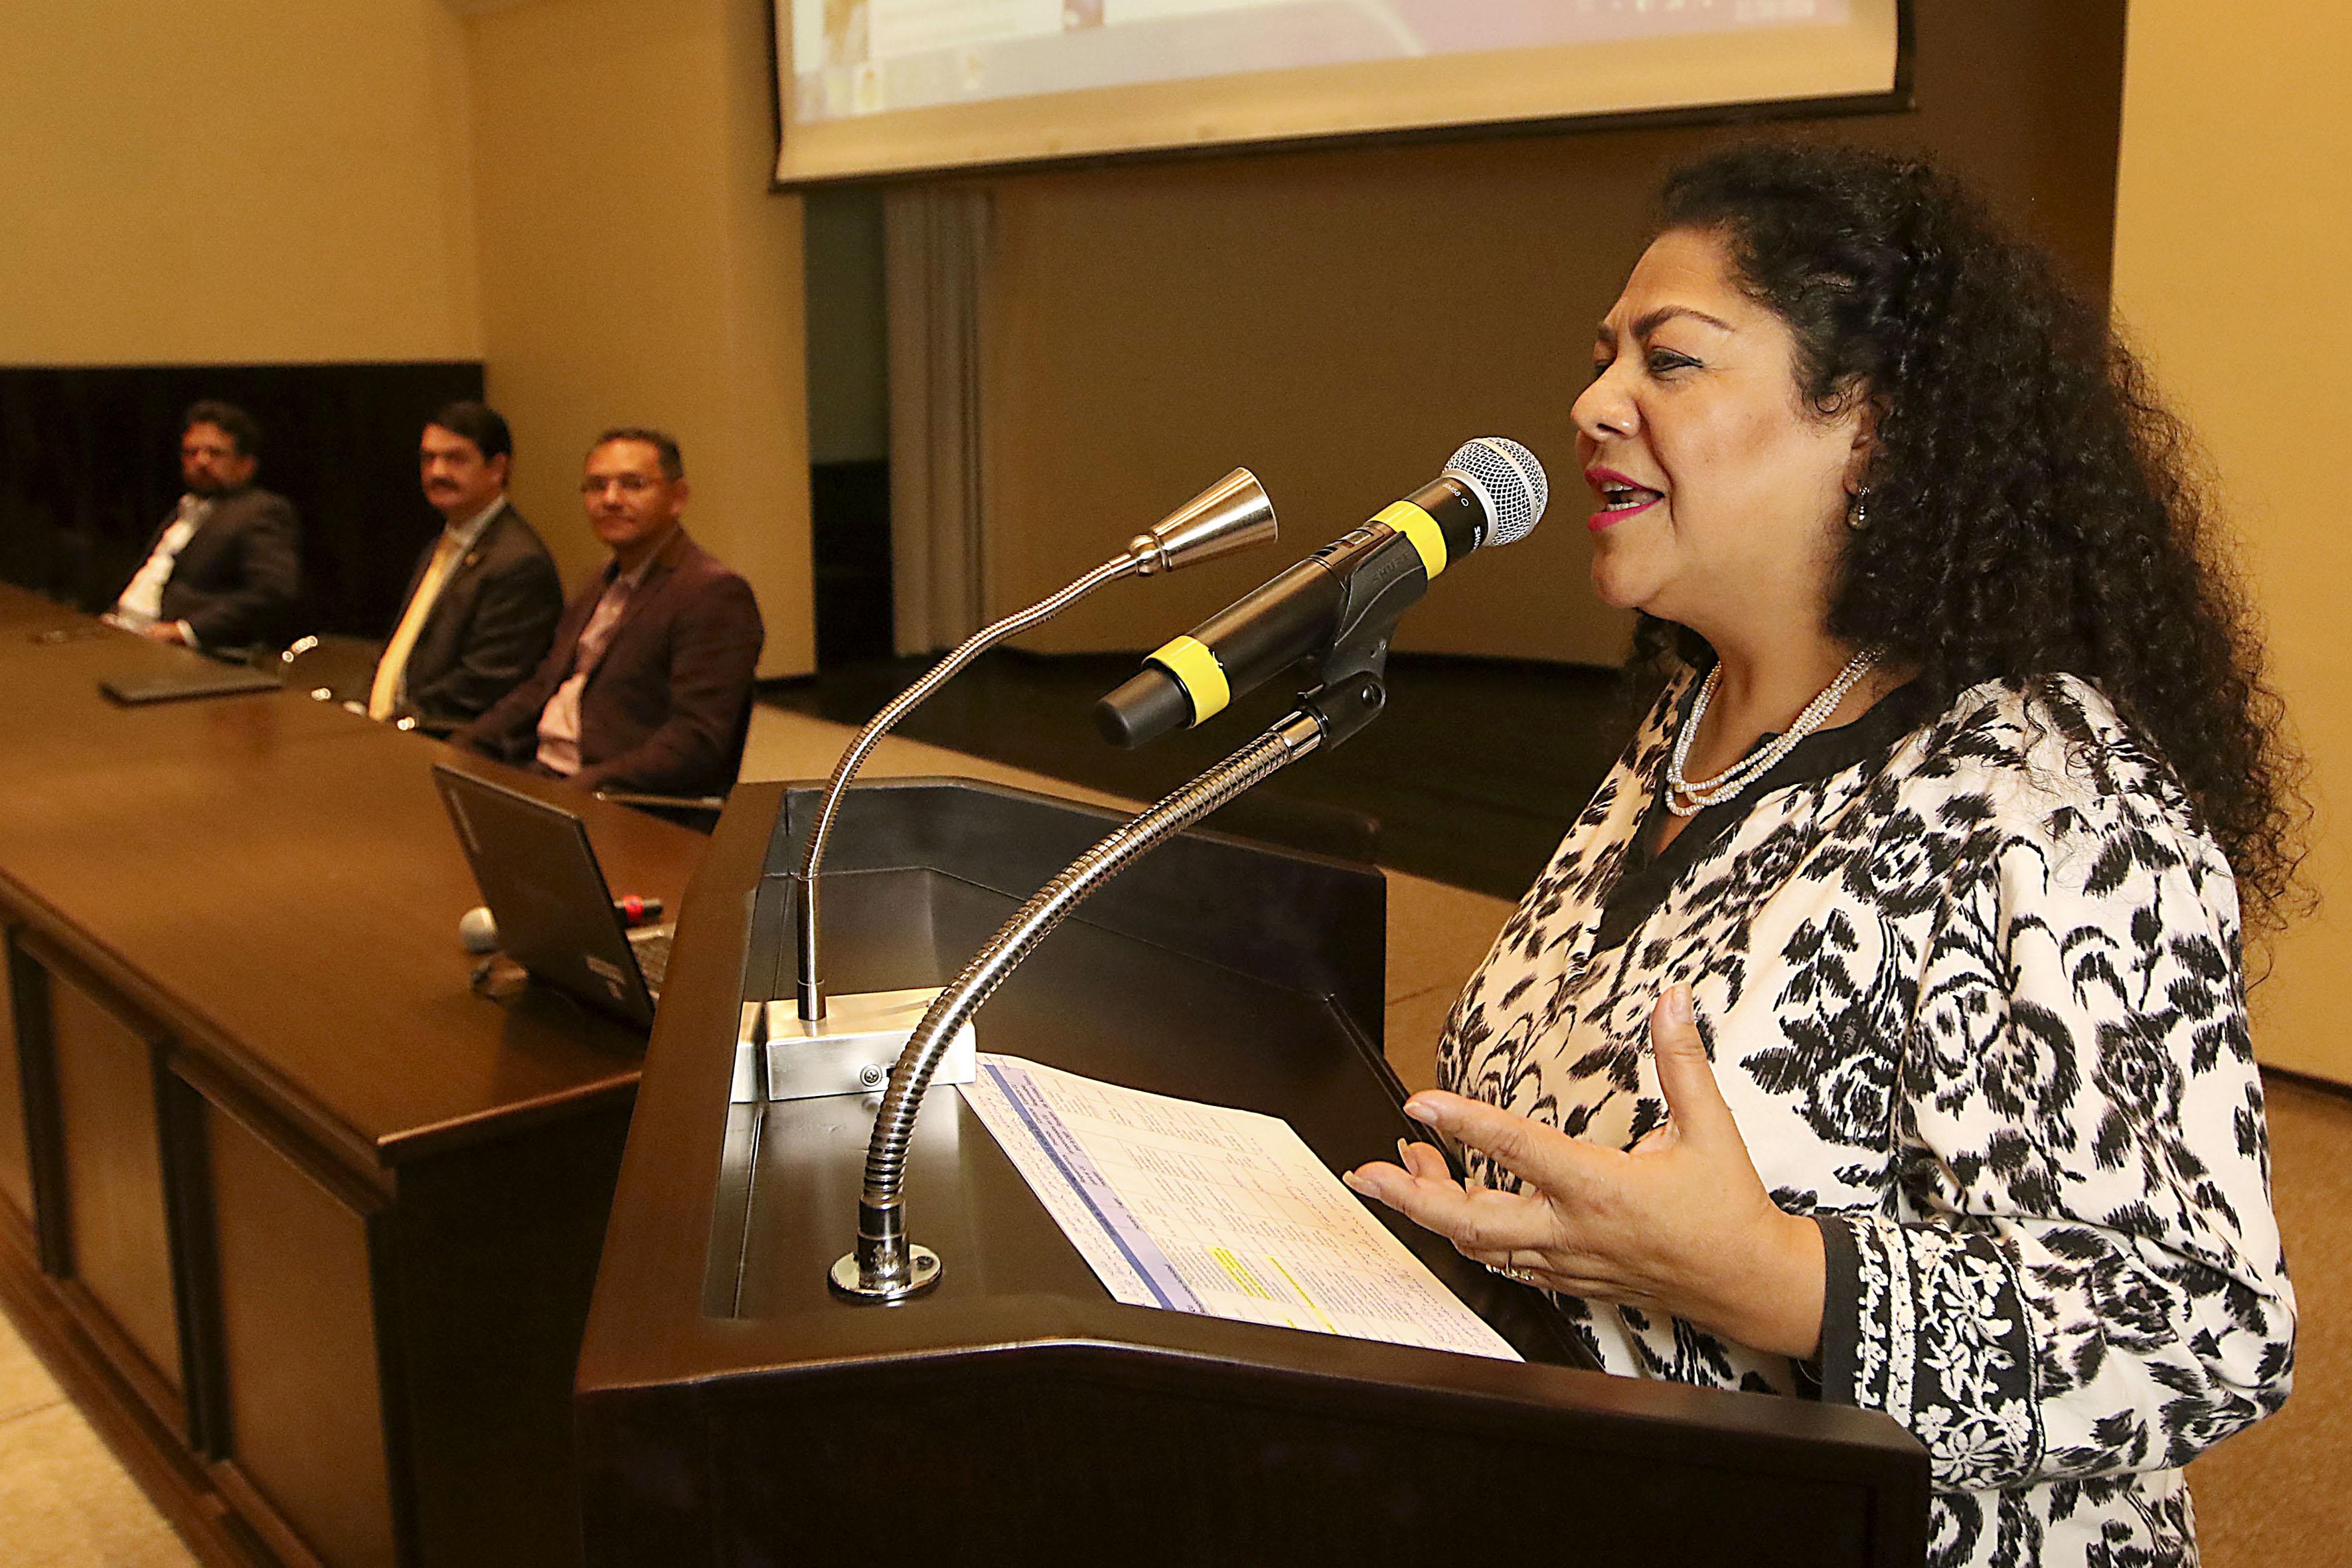 Maestra Margarita Franco Gordo, jefa del Área de Integración y Difusión Educativa de la CIEP, con micrófono en podium del auditorio del CUCEI, haciendo uso de la palabra.